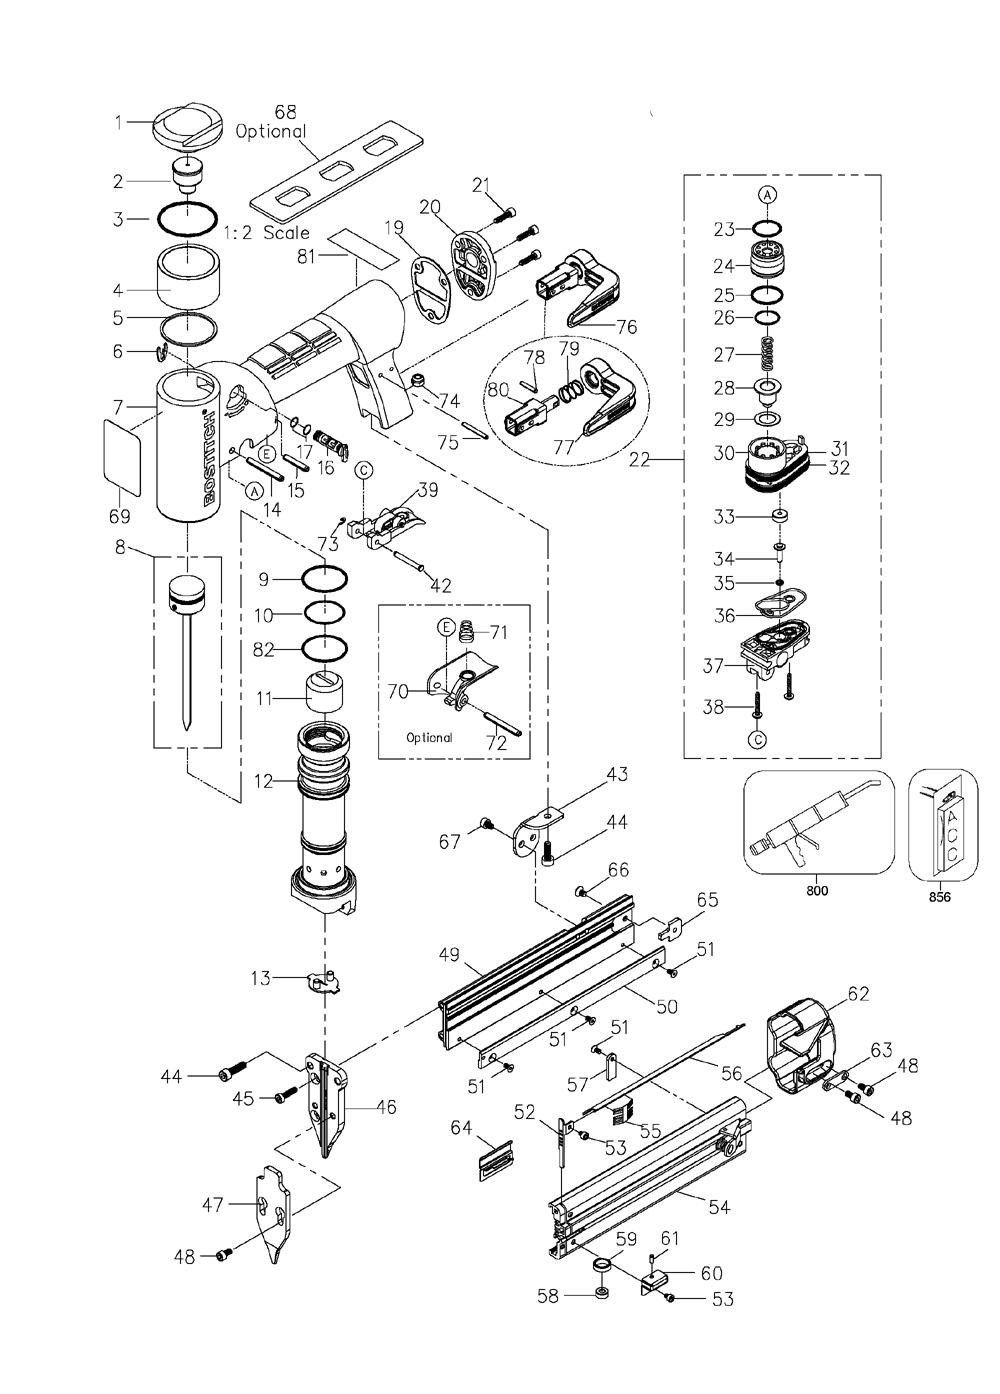 Buy Bostitch HP118K Type-0 23 Gauge Headless Pinner